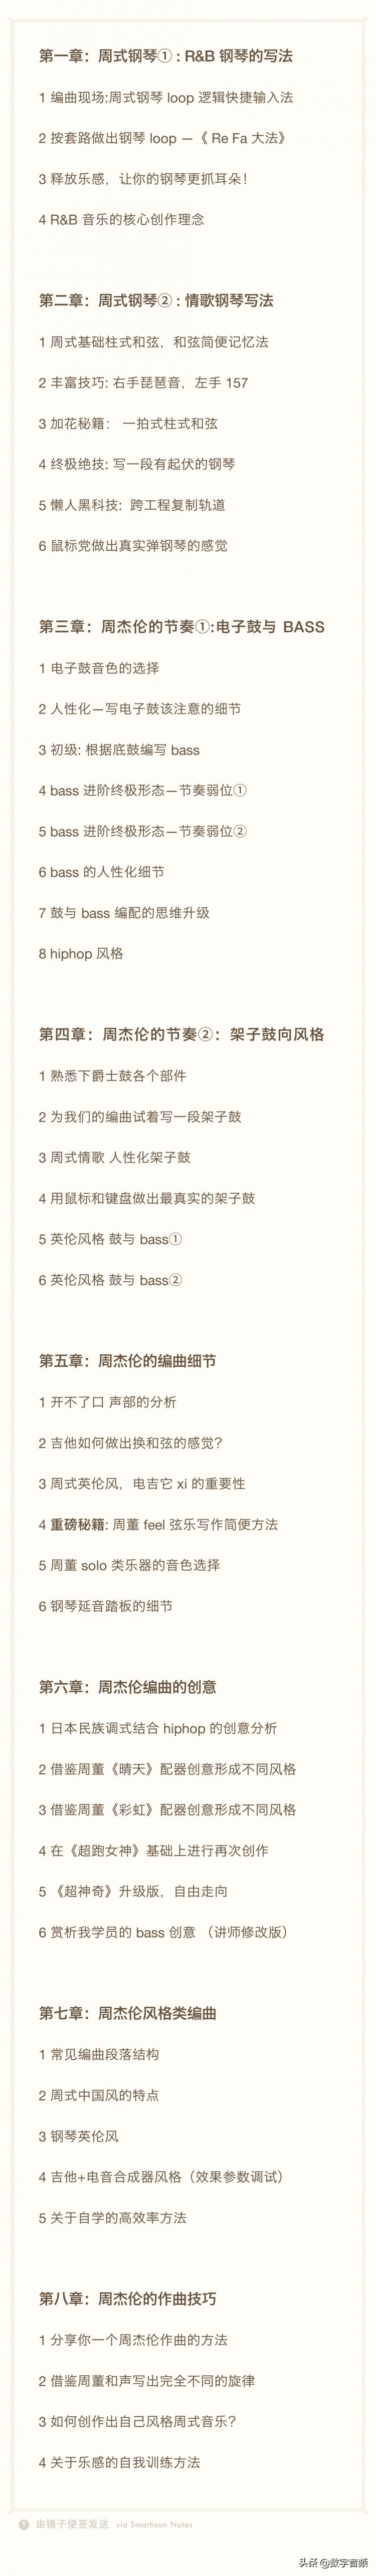 乌晓熙:周式流行编曲技能包